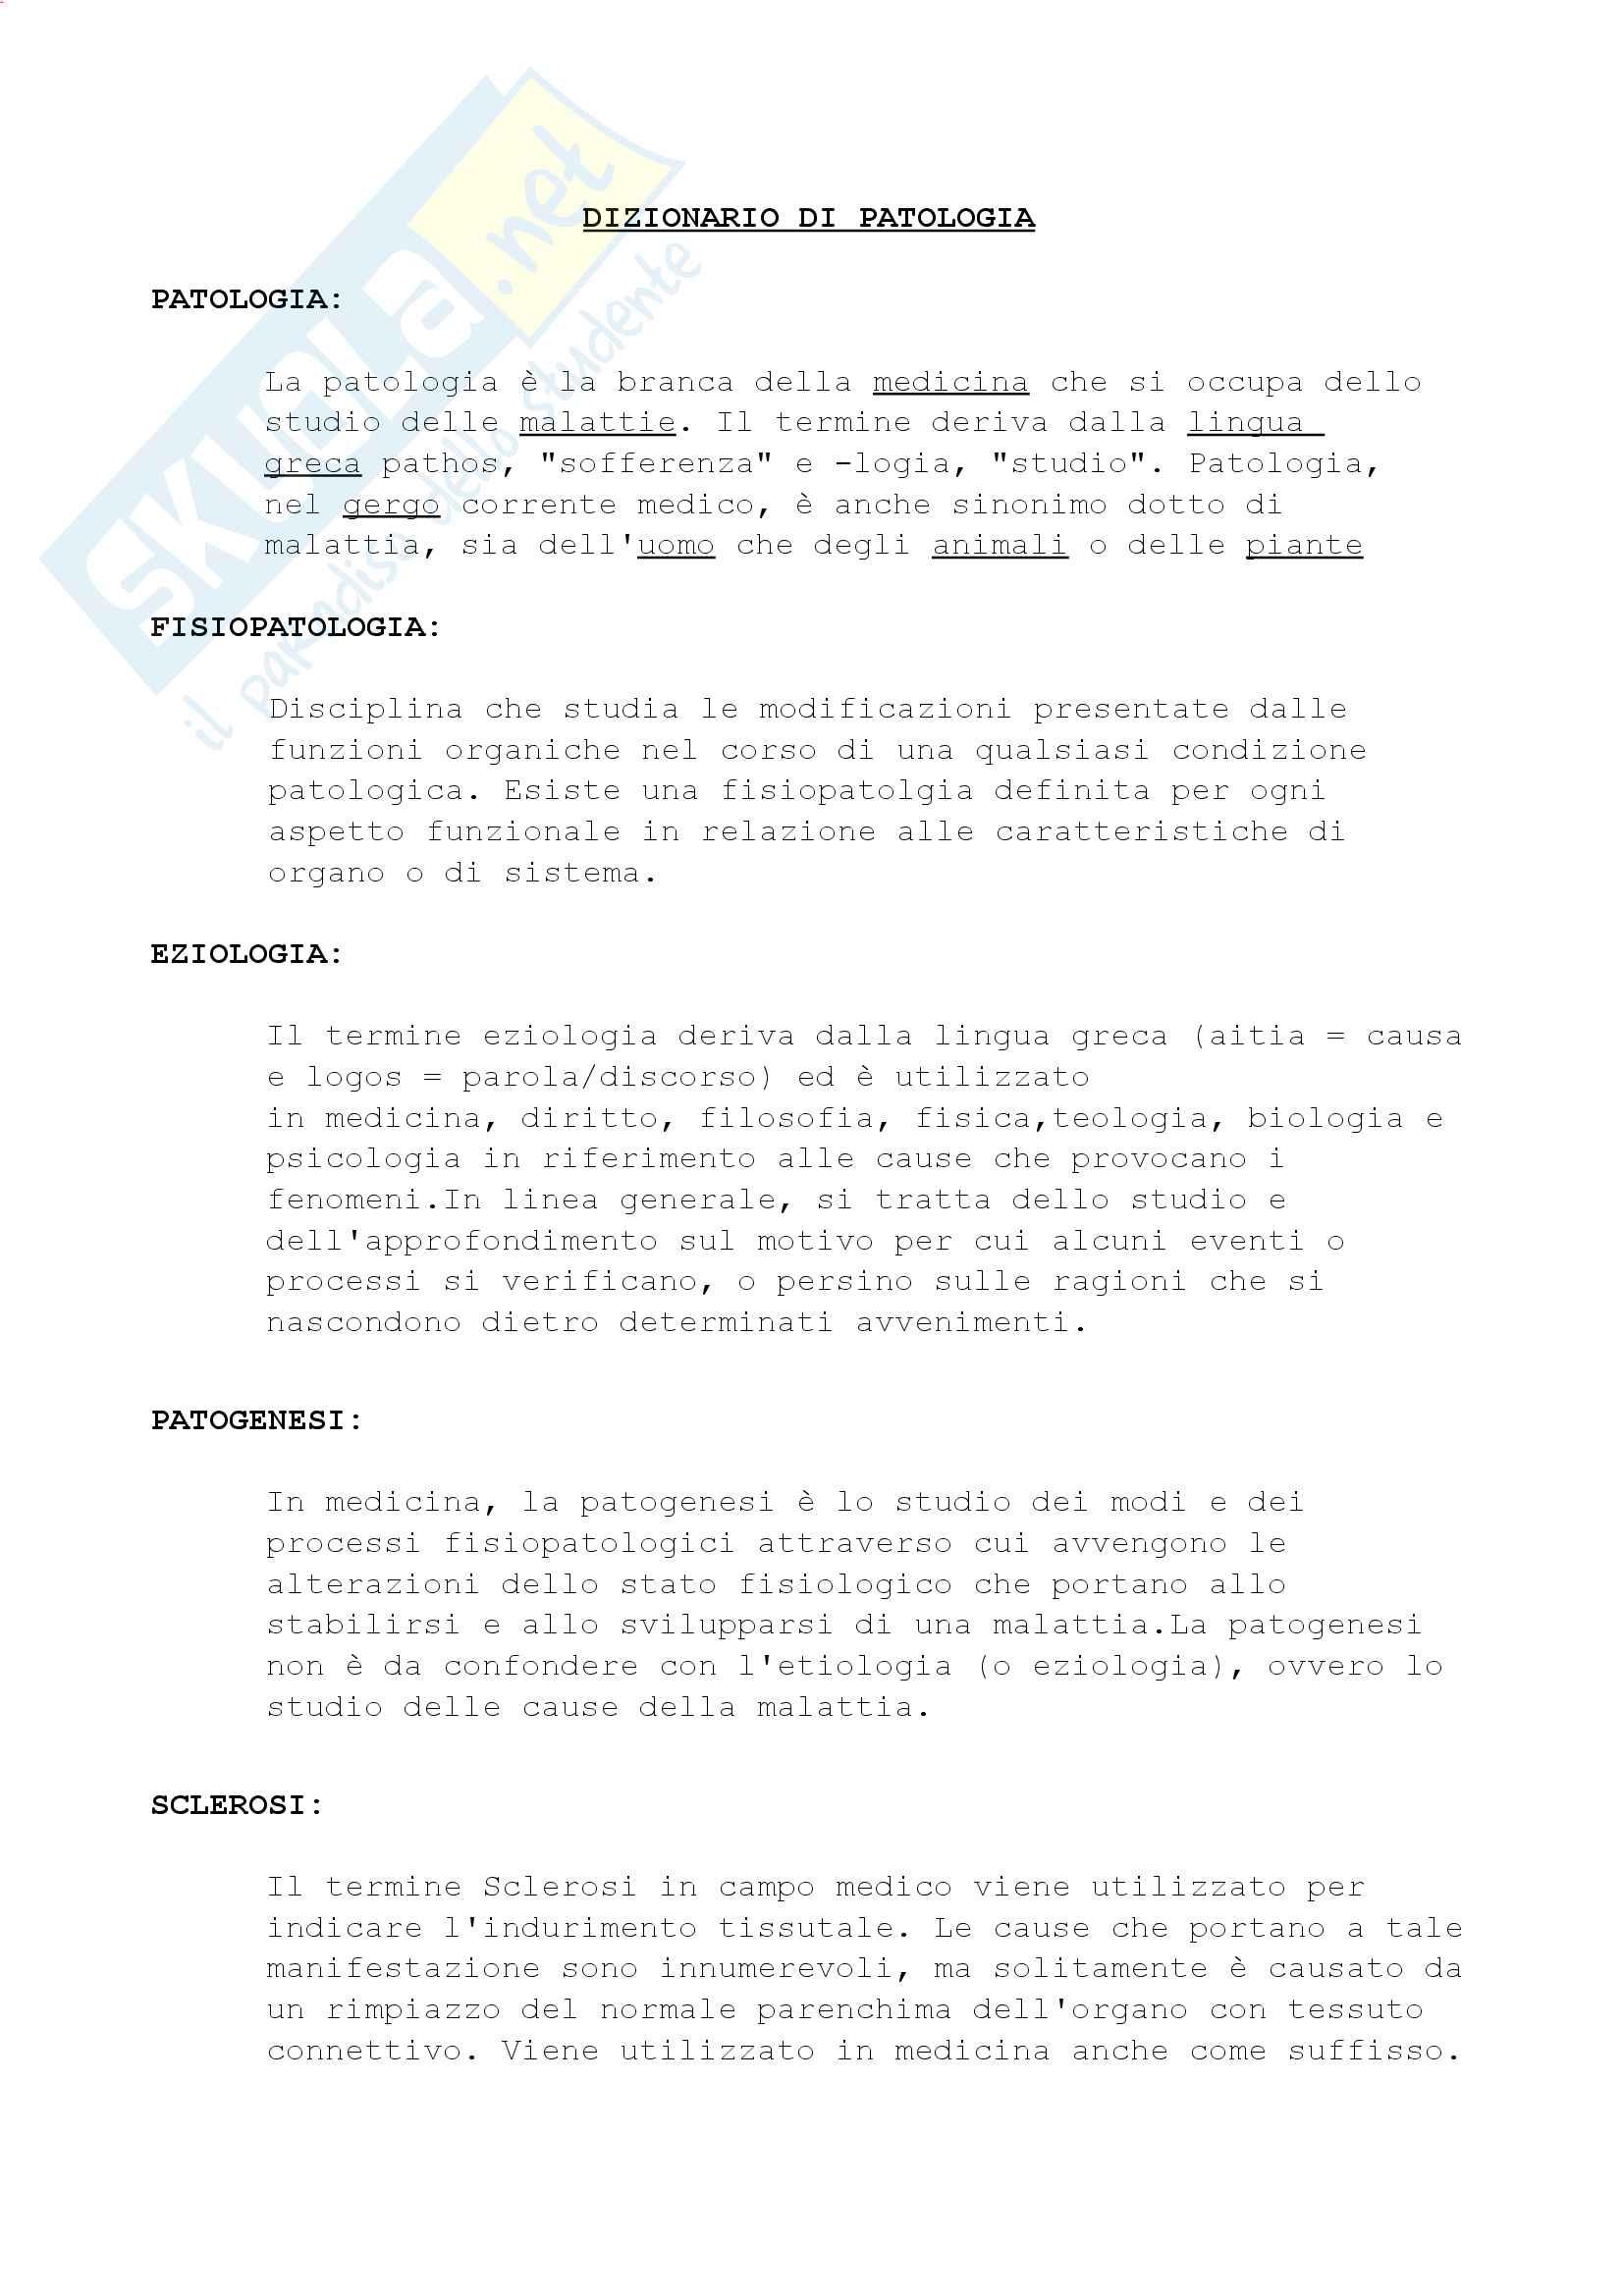 Nomenclatura e definizioni di patologia